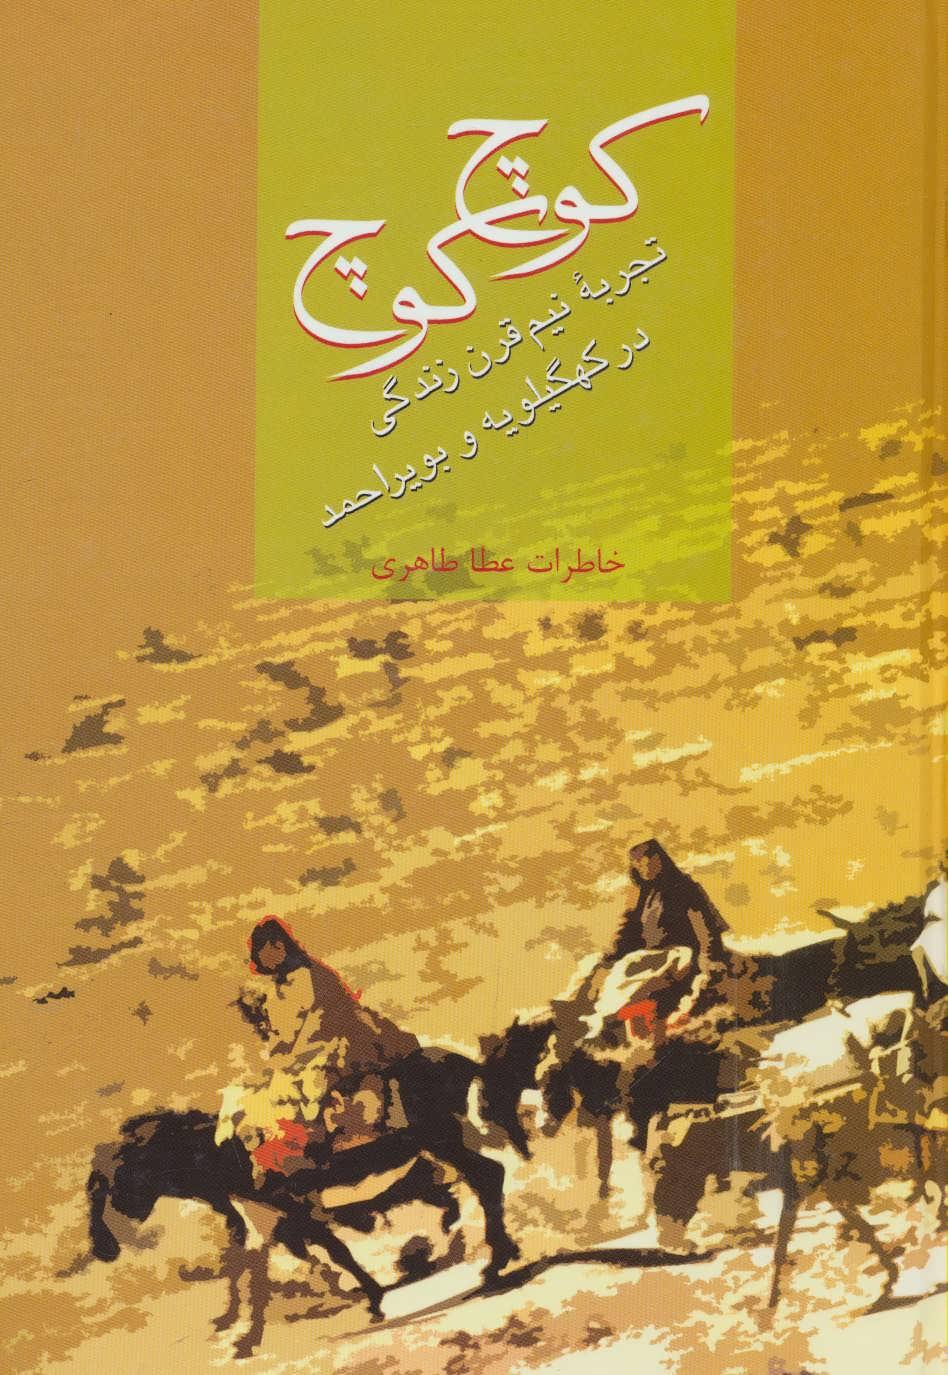 کوچ کوچ (تجربه نیم قرن زندگی در کهکیلویه و بویر احمد)